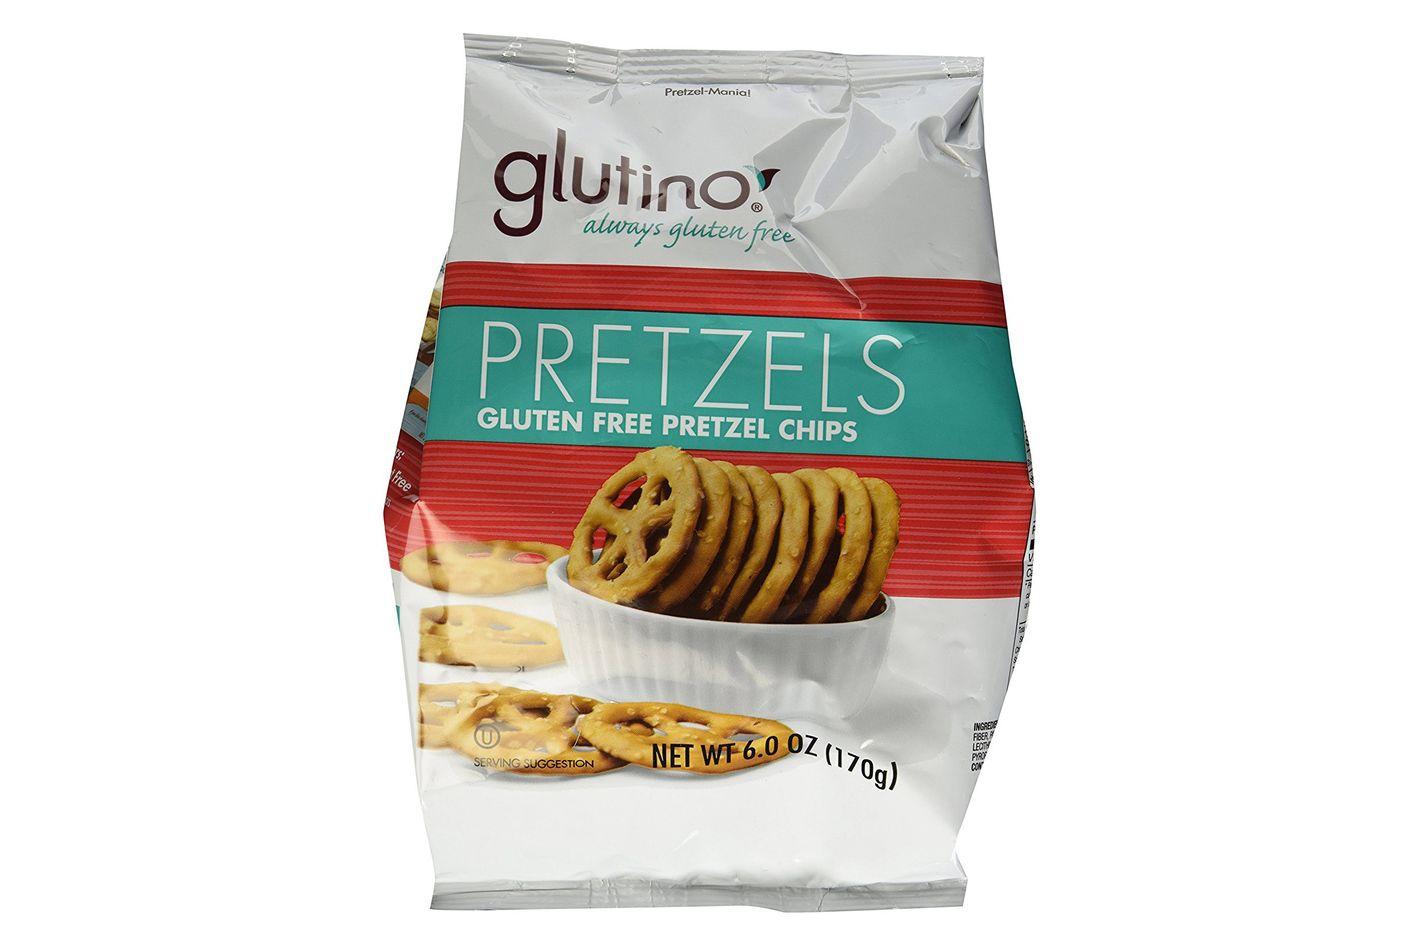 Glutino Gluten Free Pretzel Chips, 6-Pack